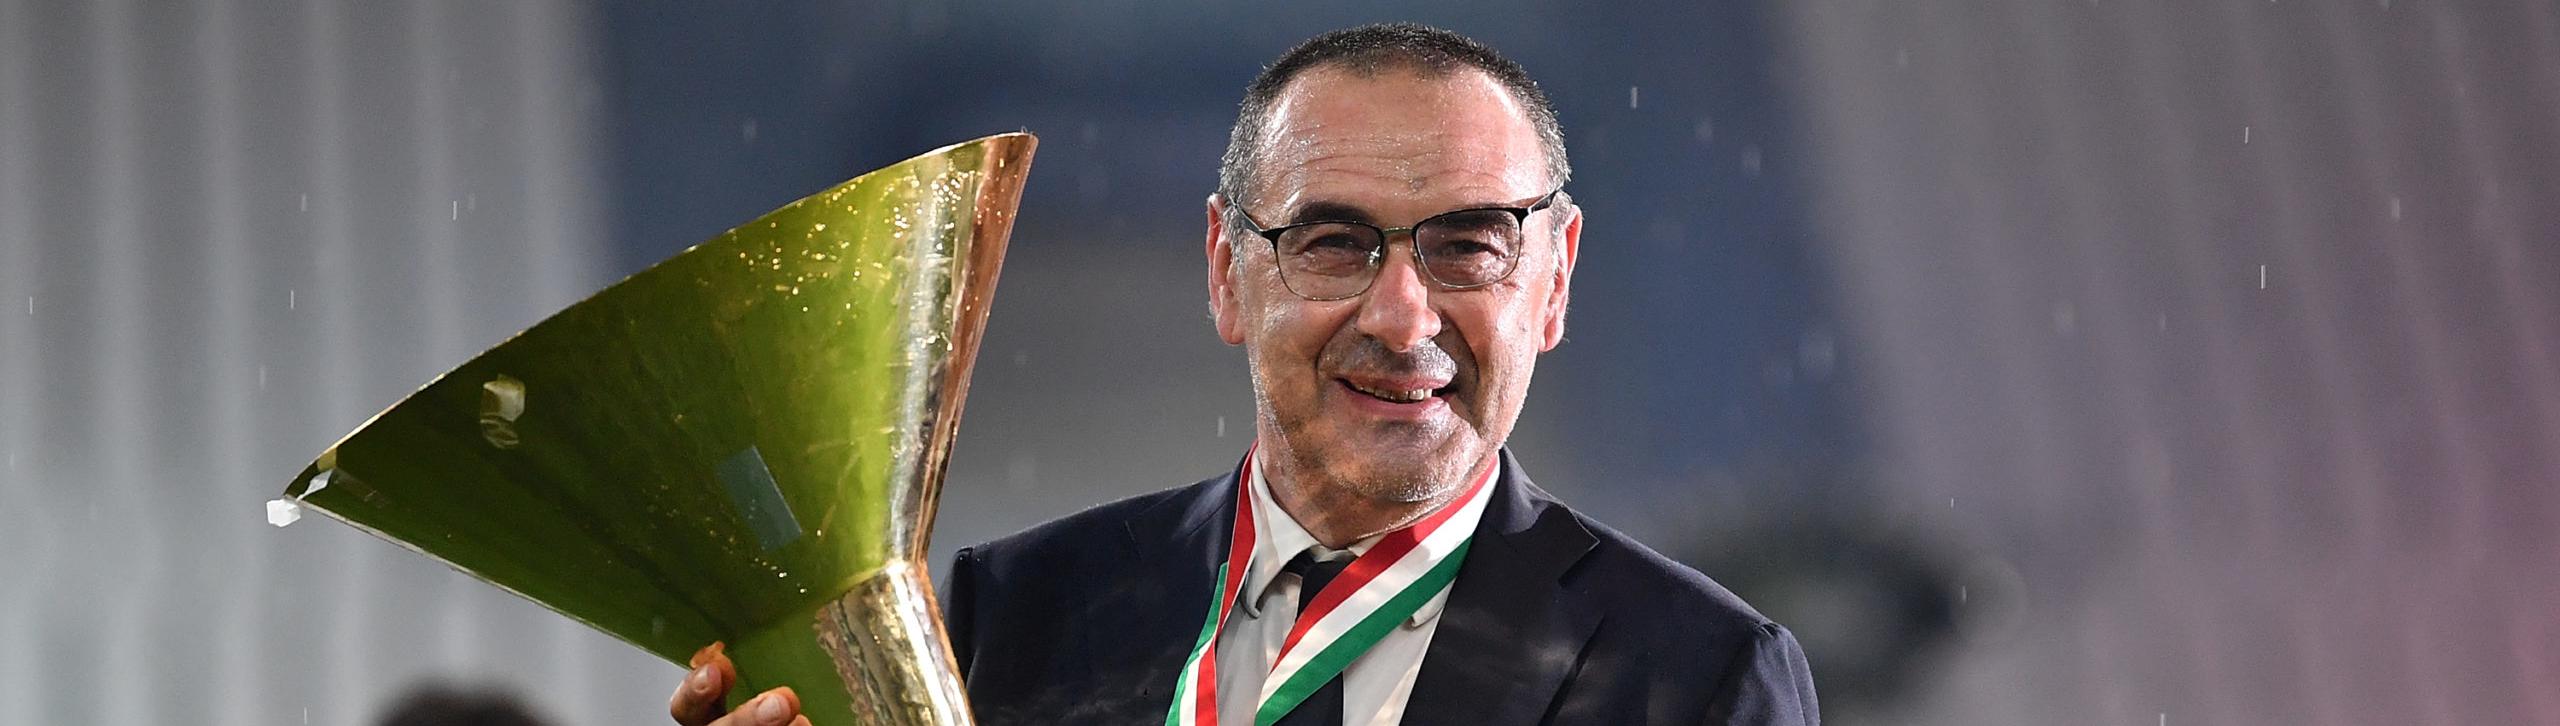 Juventus, campione d'Italia e di critiche: perché può continuare a vincere anche con Sarri